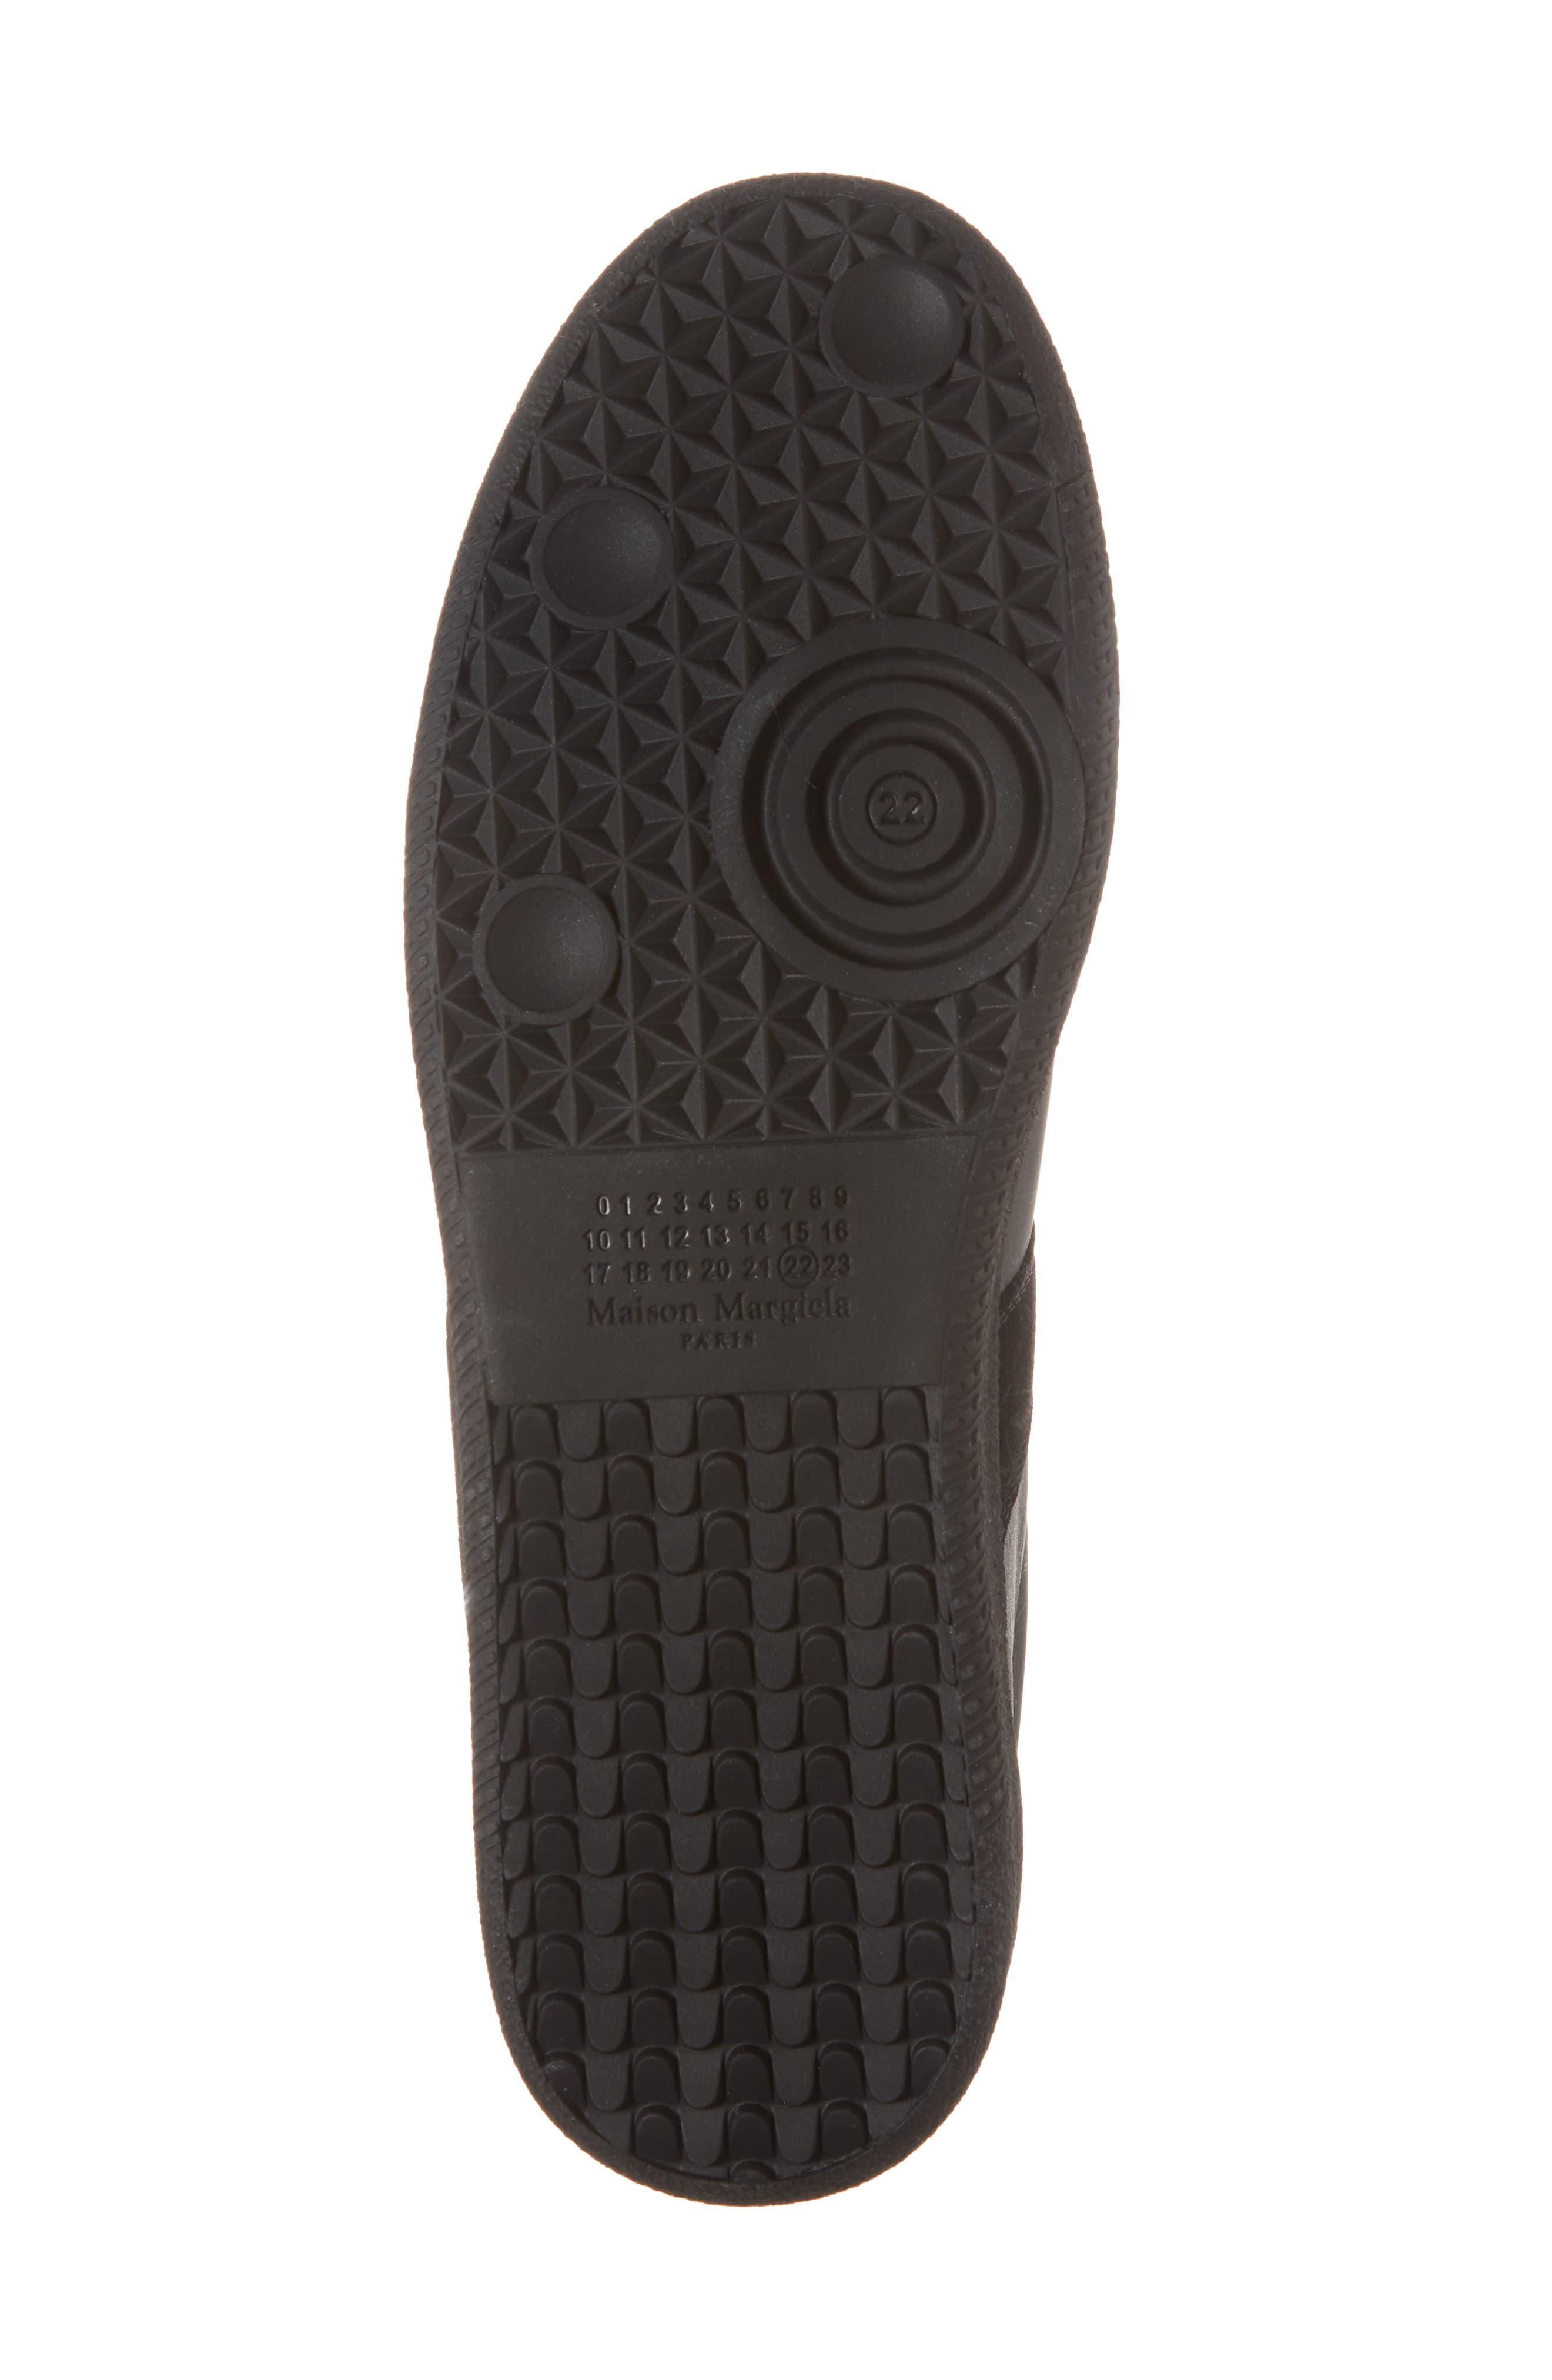 MM6 MAISON MARGIELA, Maison Margiela Replica Low Top Sneaker, Alternate thumbnail 6, color, BLACK